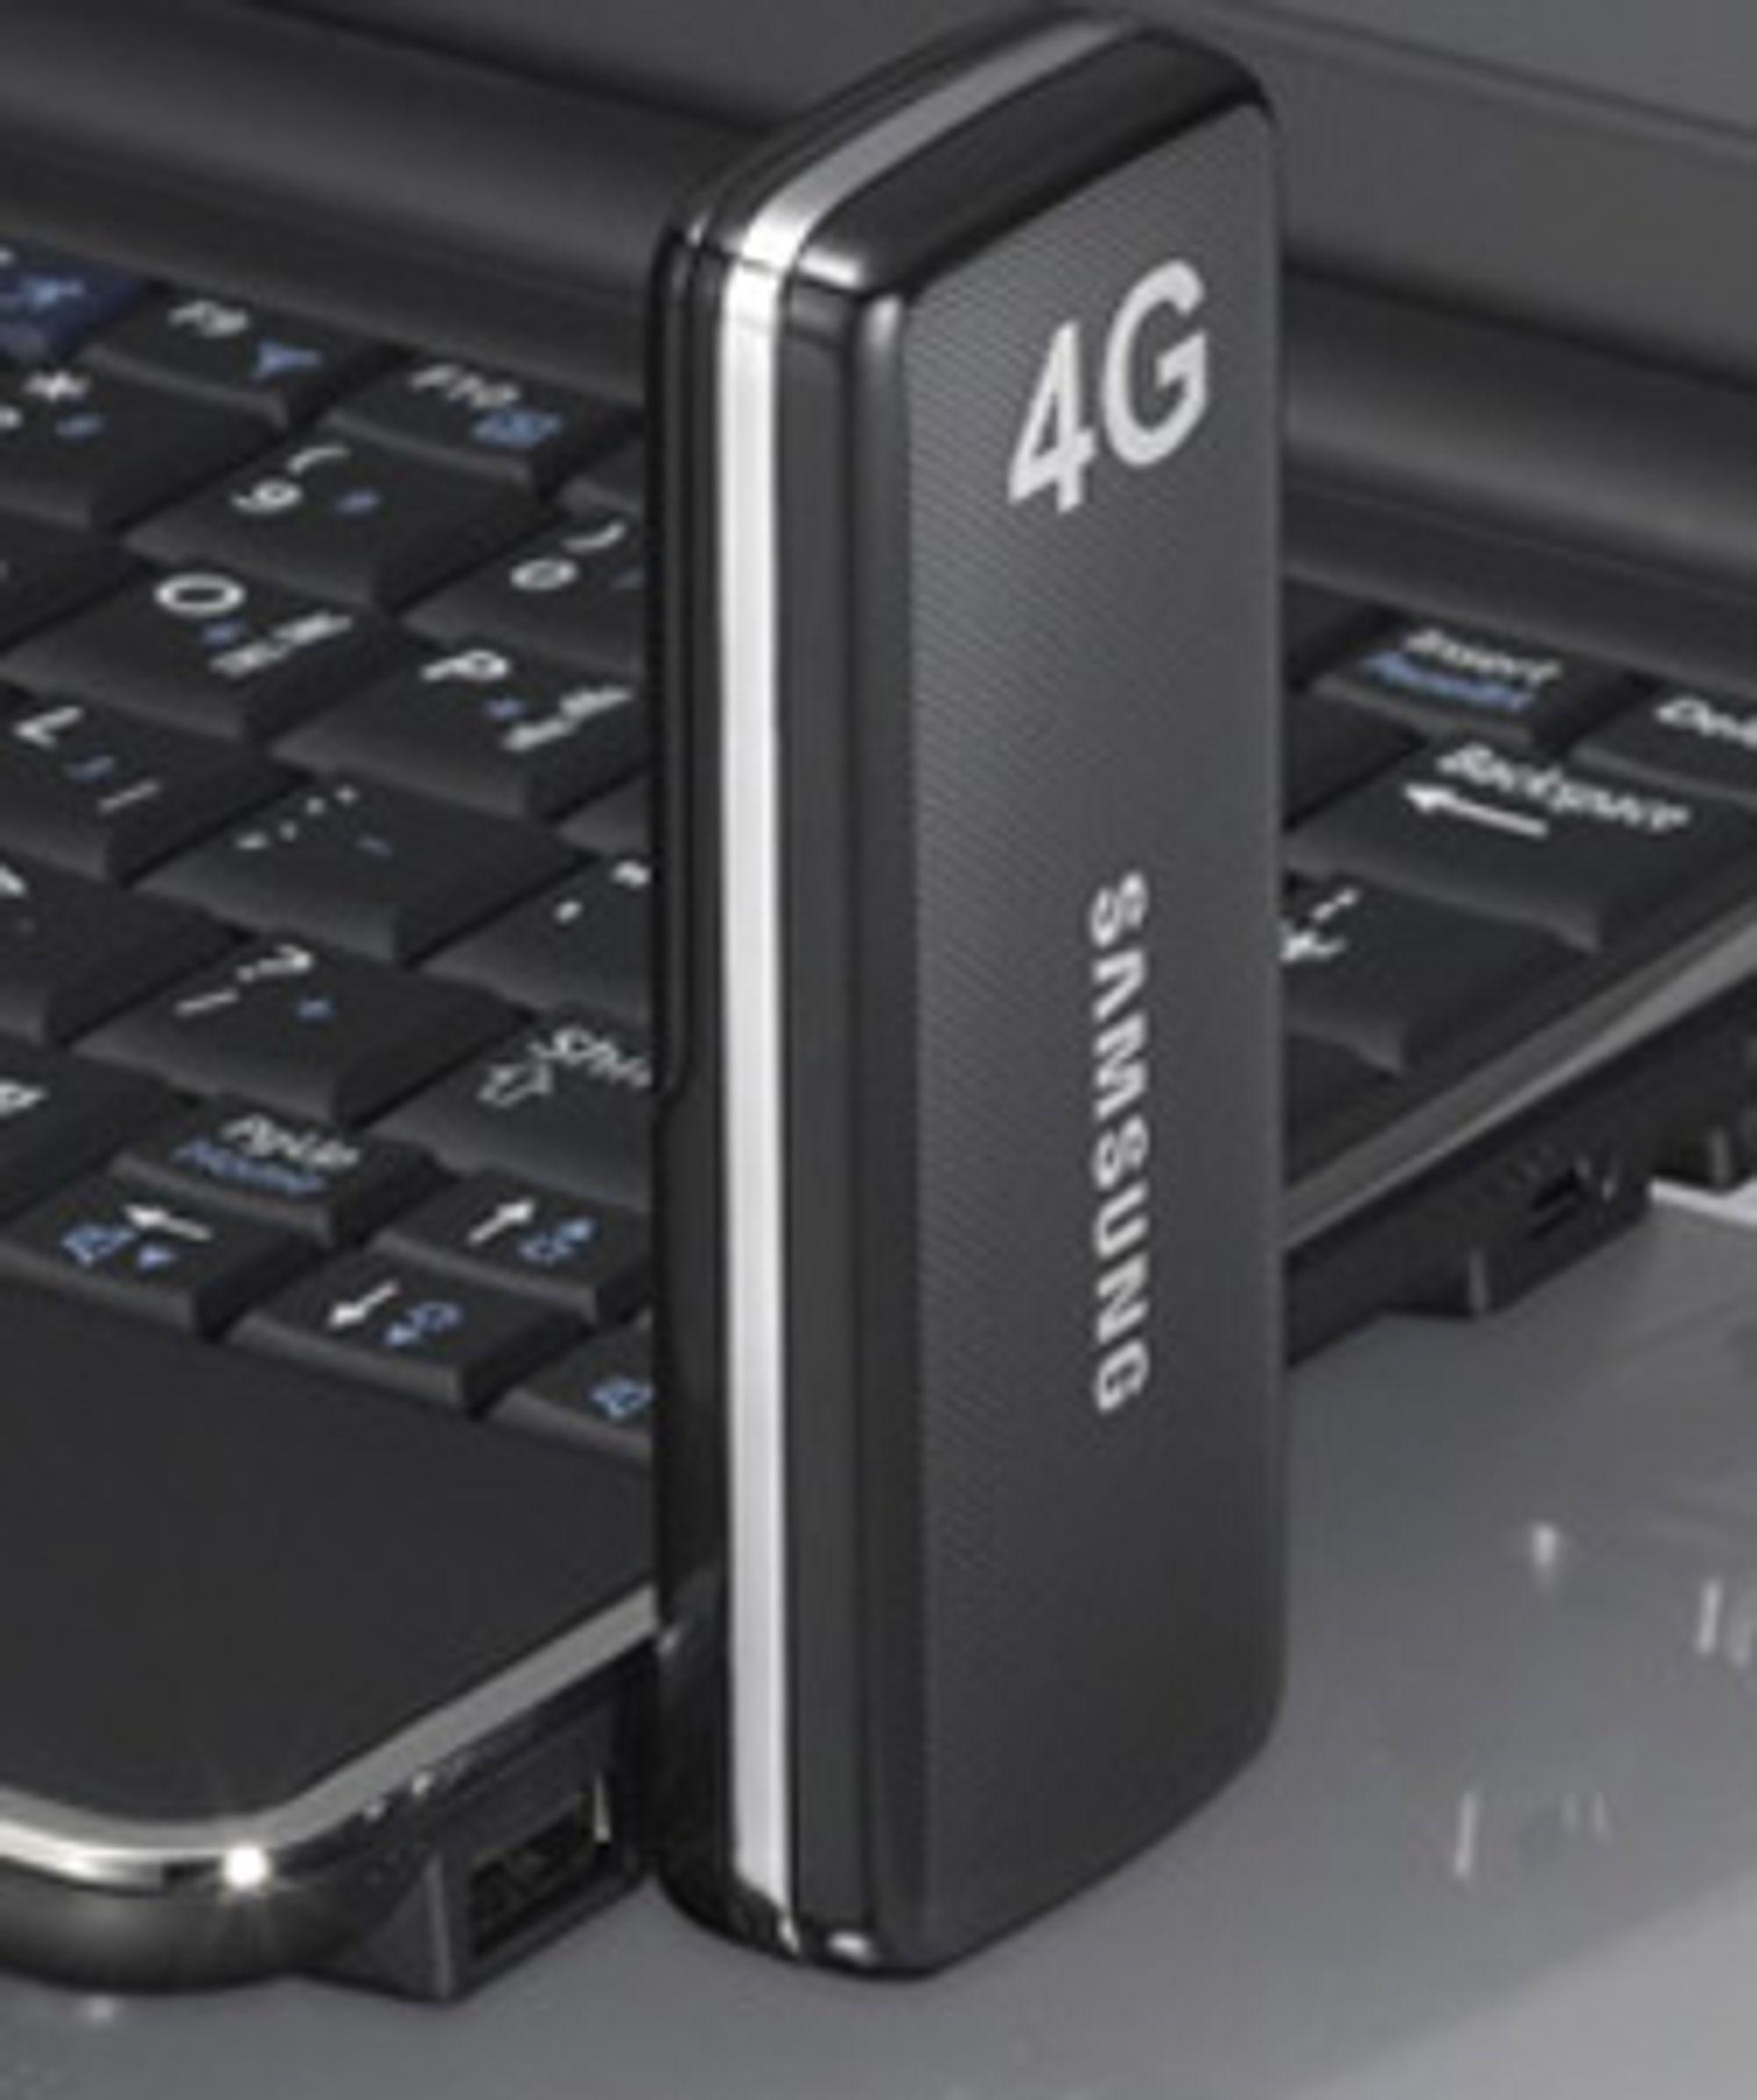 Slik ser Samsungs nye 4G-modem ut.